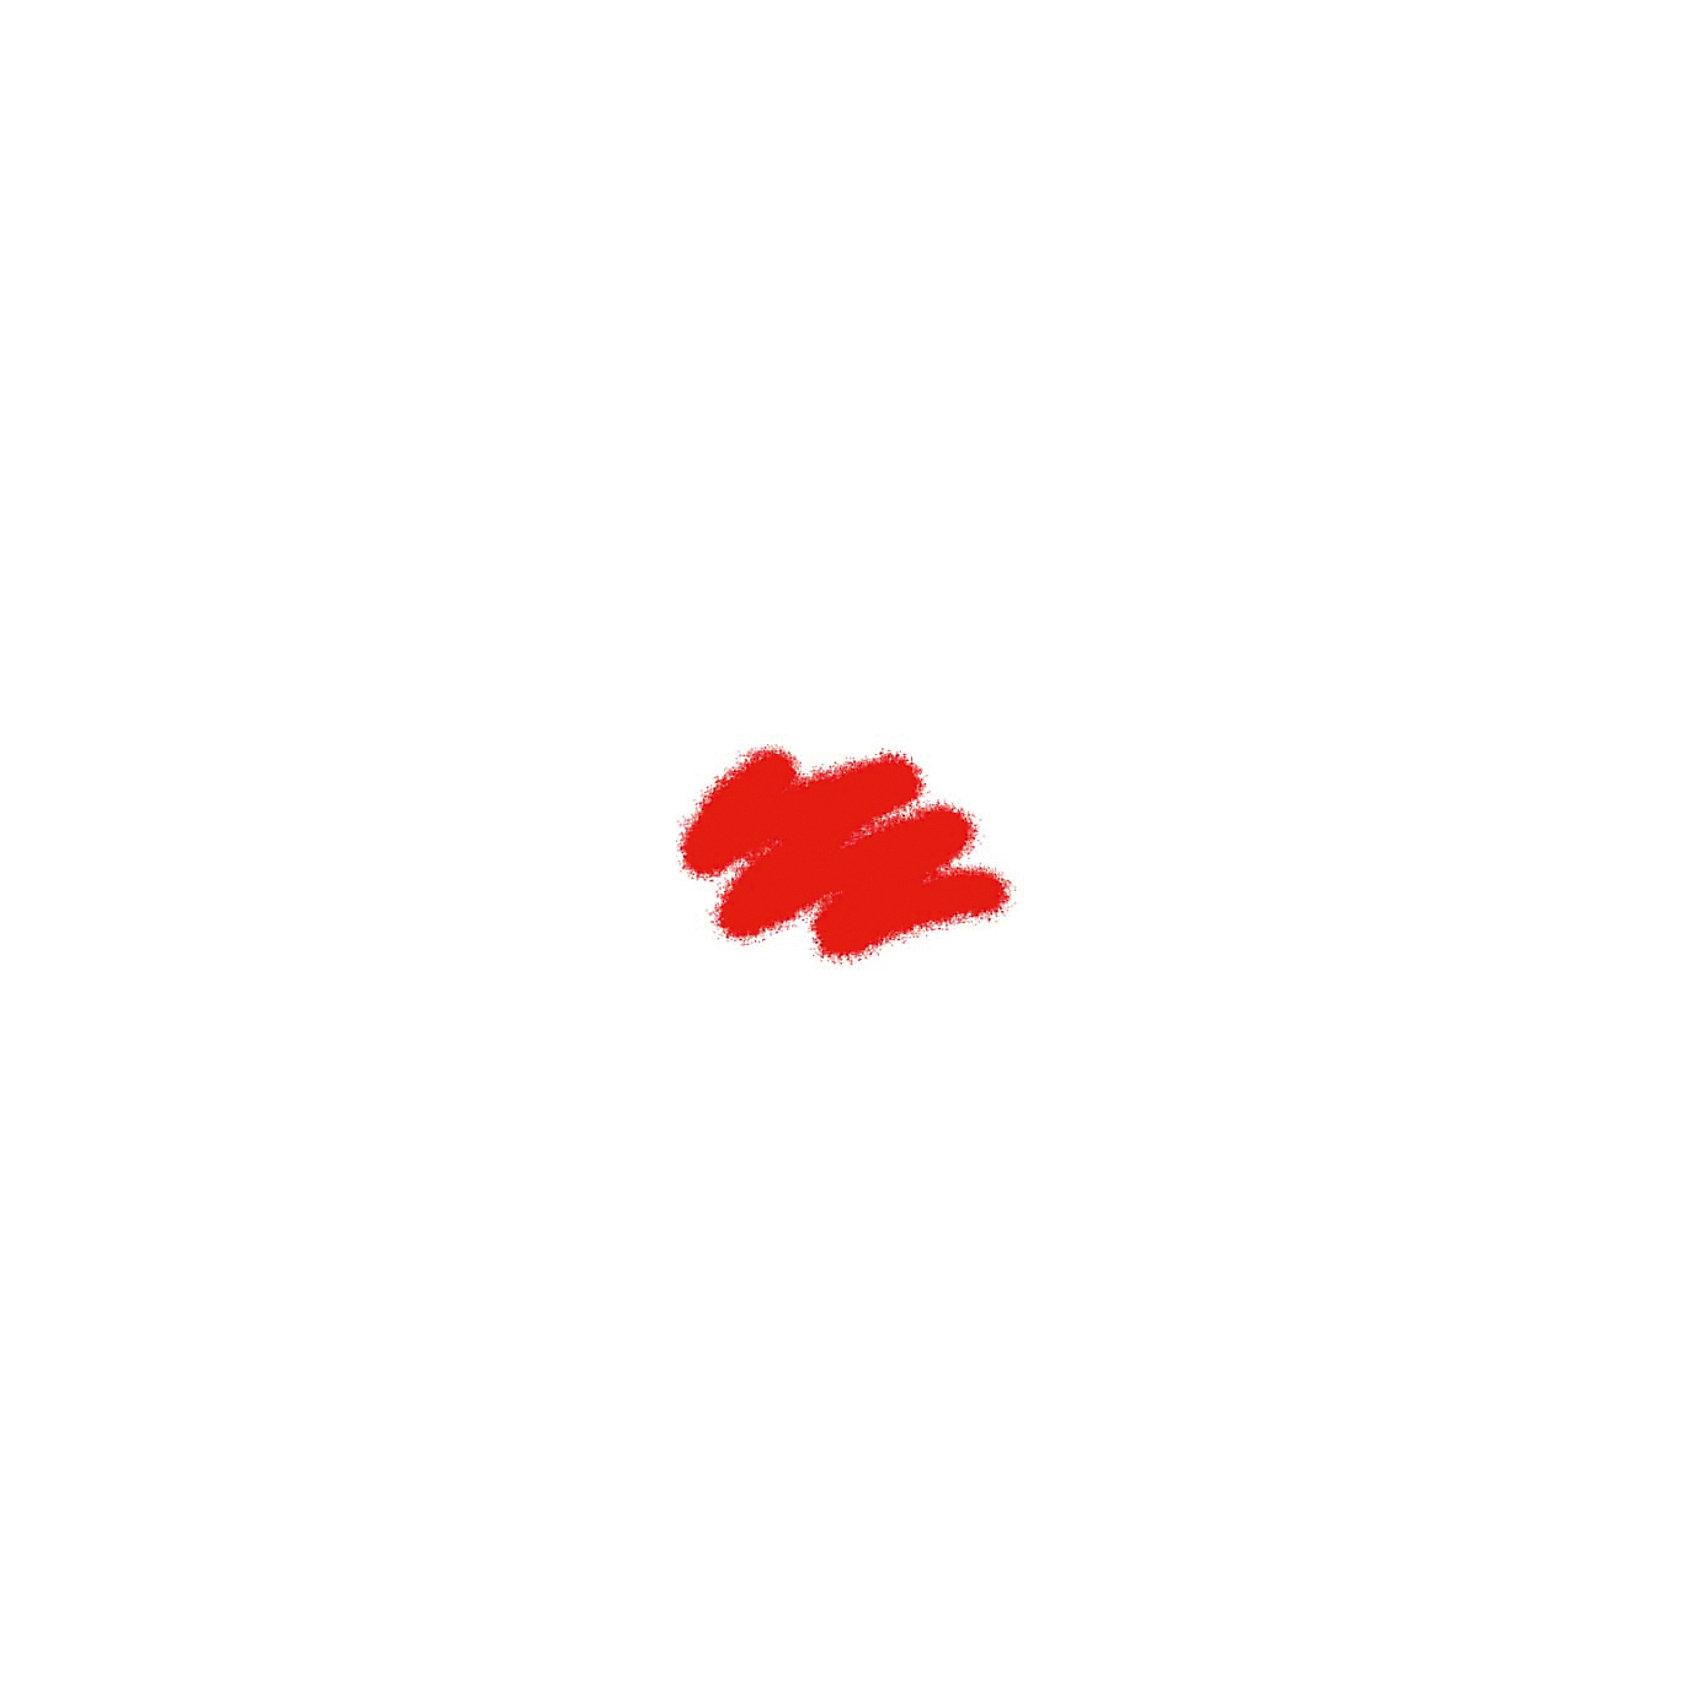 Акриловая краска для моделей Звезда, красная 12 млМодели для склеивания<br>Краска красная (алая) (шт)<br><br>Ширина мм: 18<br>Глубина мм: 18<br>Высота мм: 58<br>Вес г: 19<br>Возраст от месяцев: 72<br>Возраст до месяцев: 180<br>Пол: Мужской<br>Возраст: Детский<br>SKU: 7086616